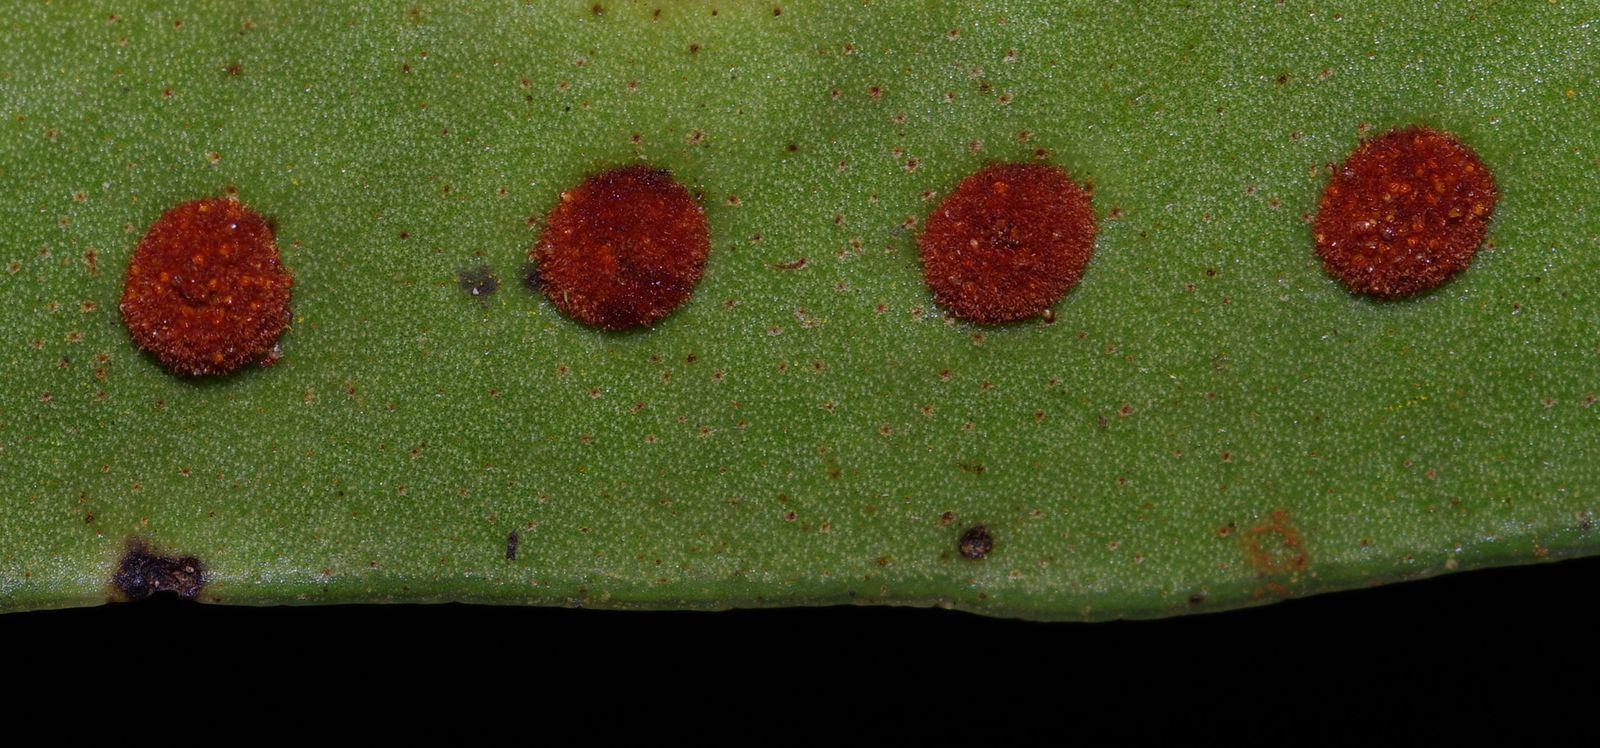 Microgramma percussa